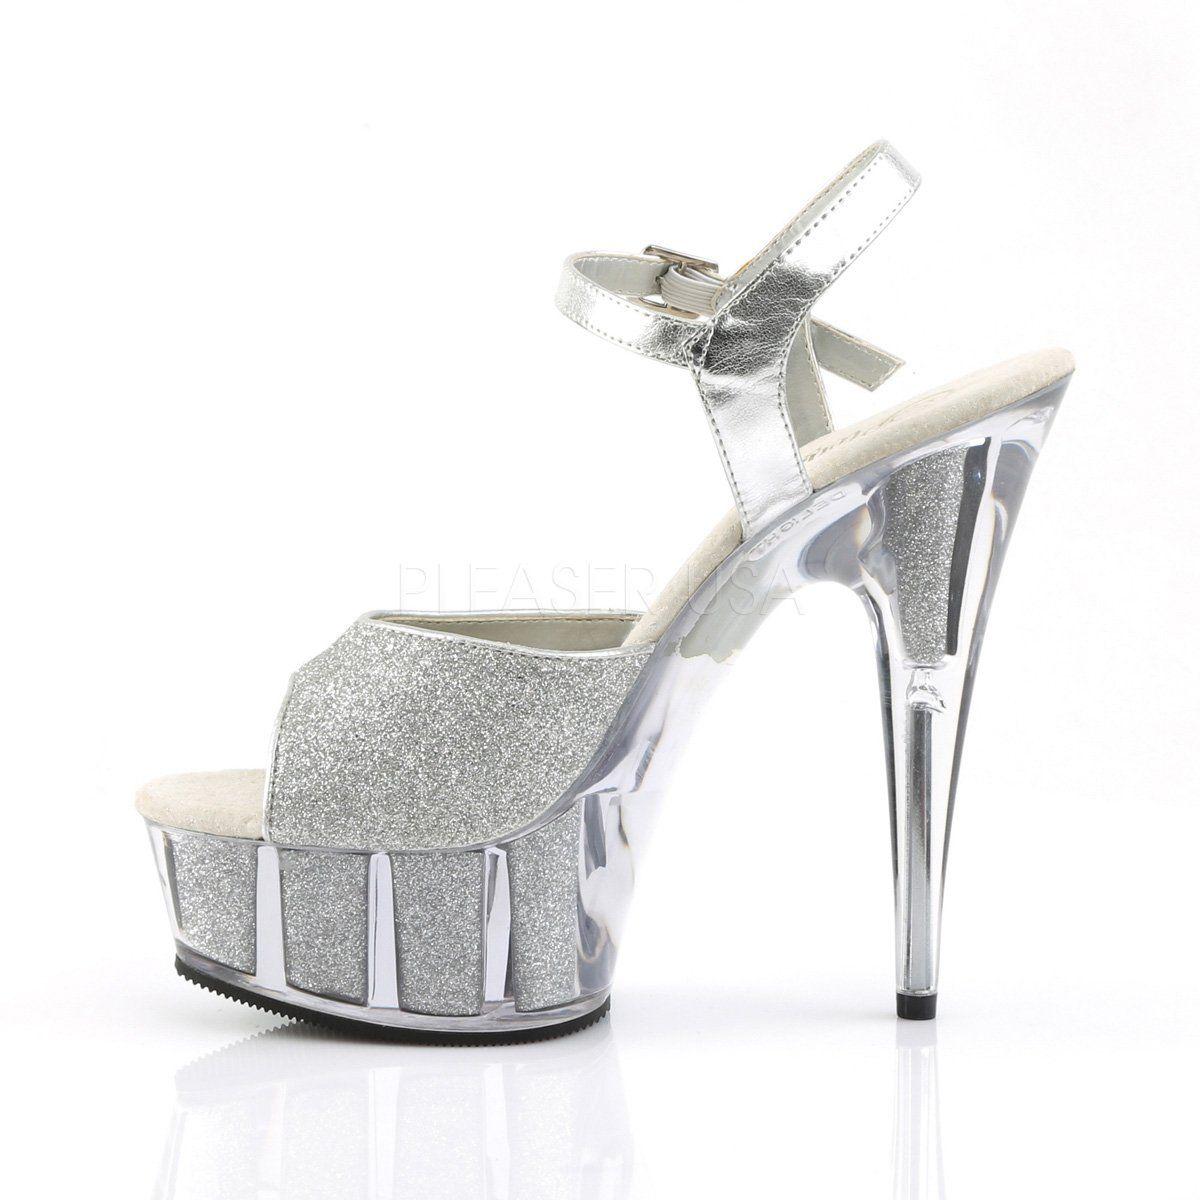 b1fe4e3e215 Pleaser - DELIGHT-609-5G - Silver Glitter Silver Glitter - Platforms ...